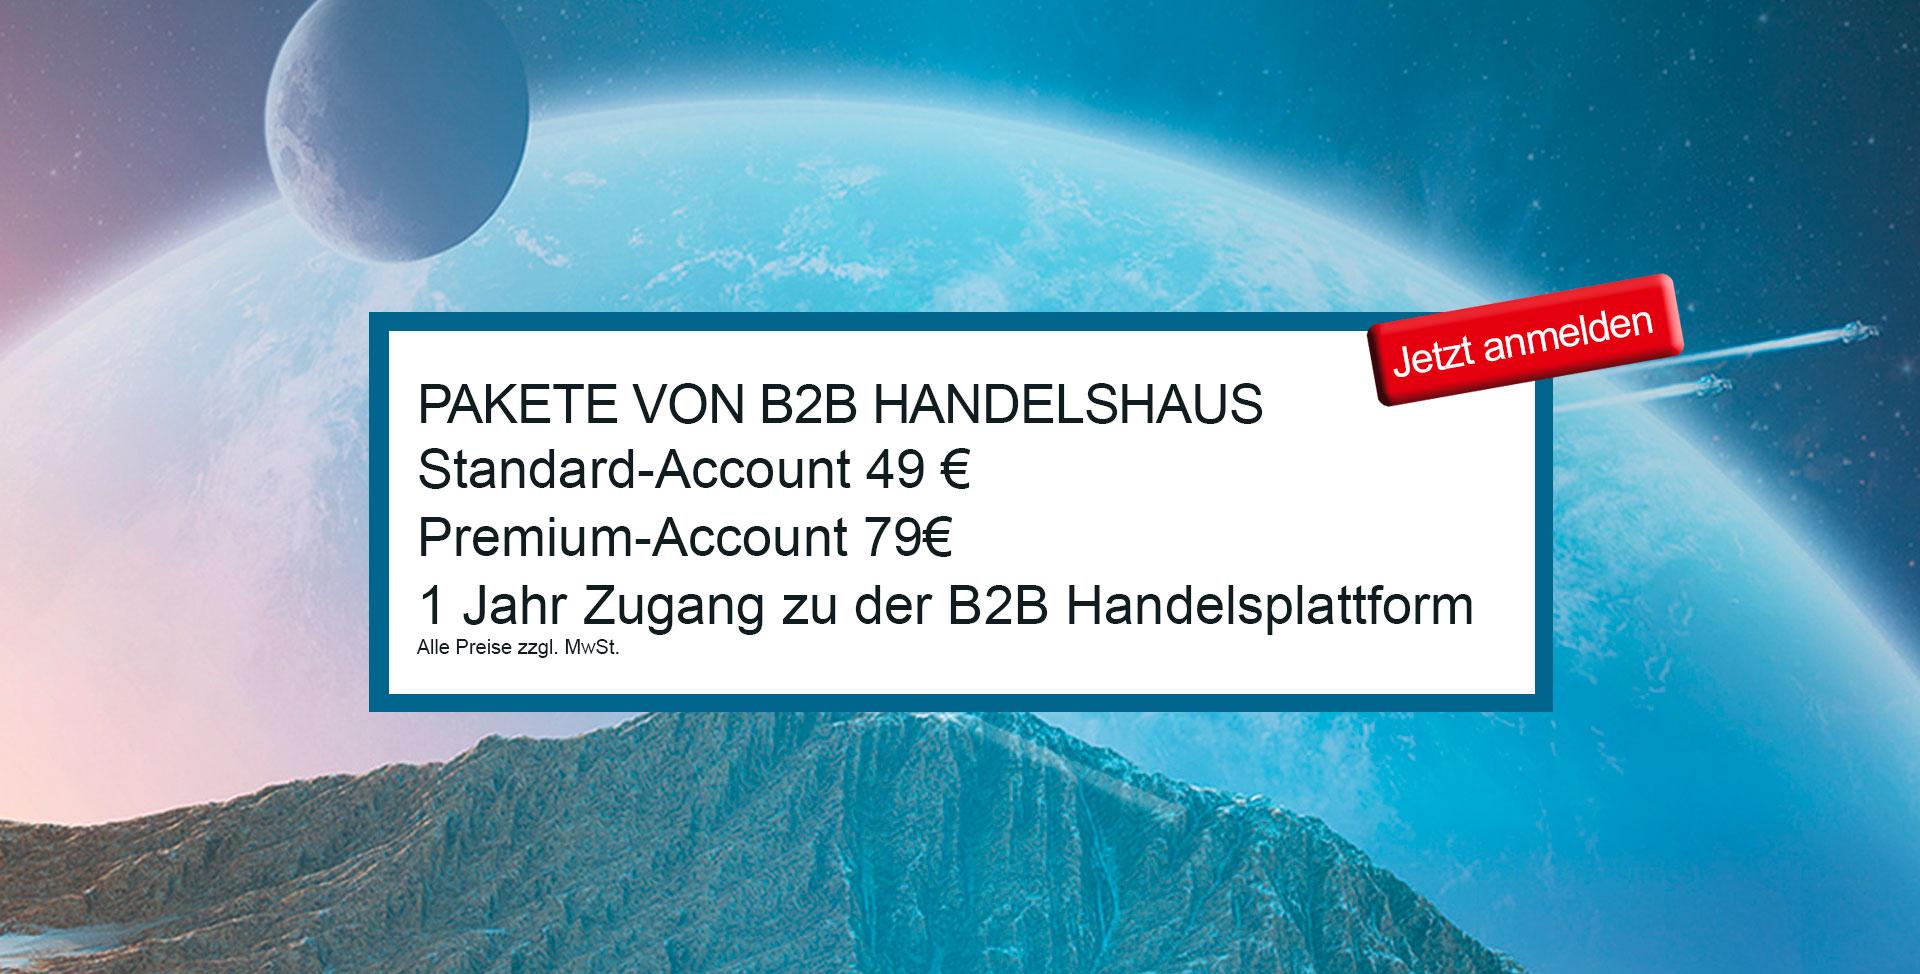 B2B-Handelshaus